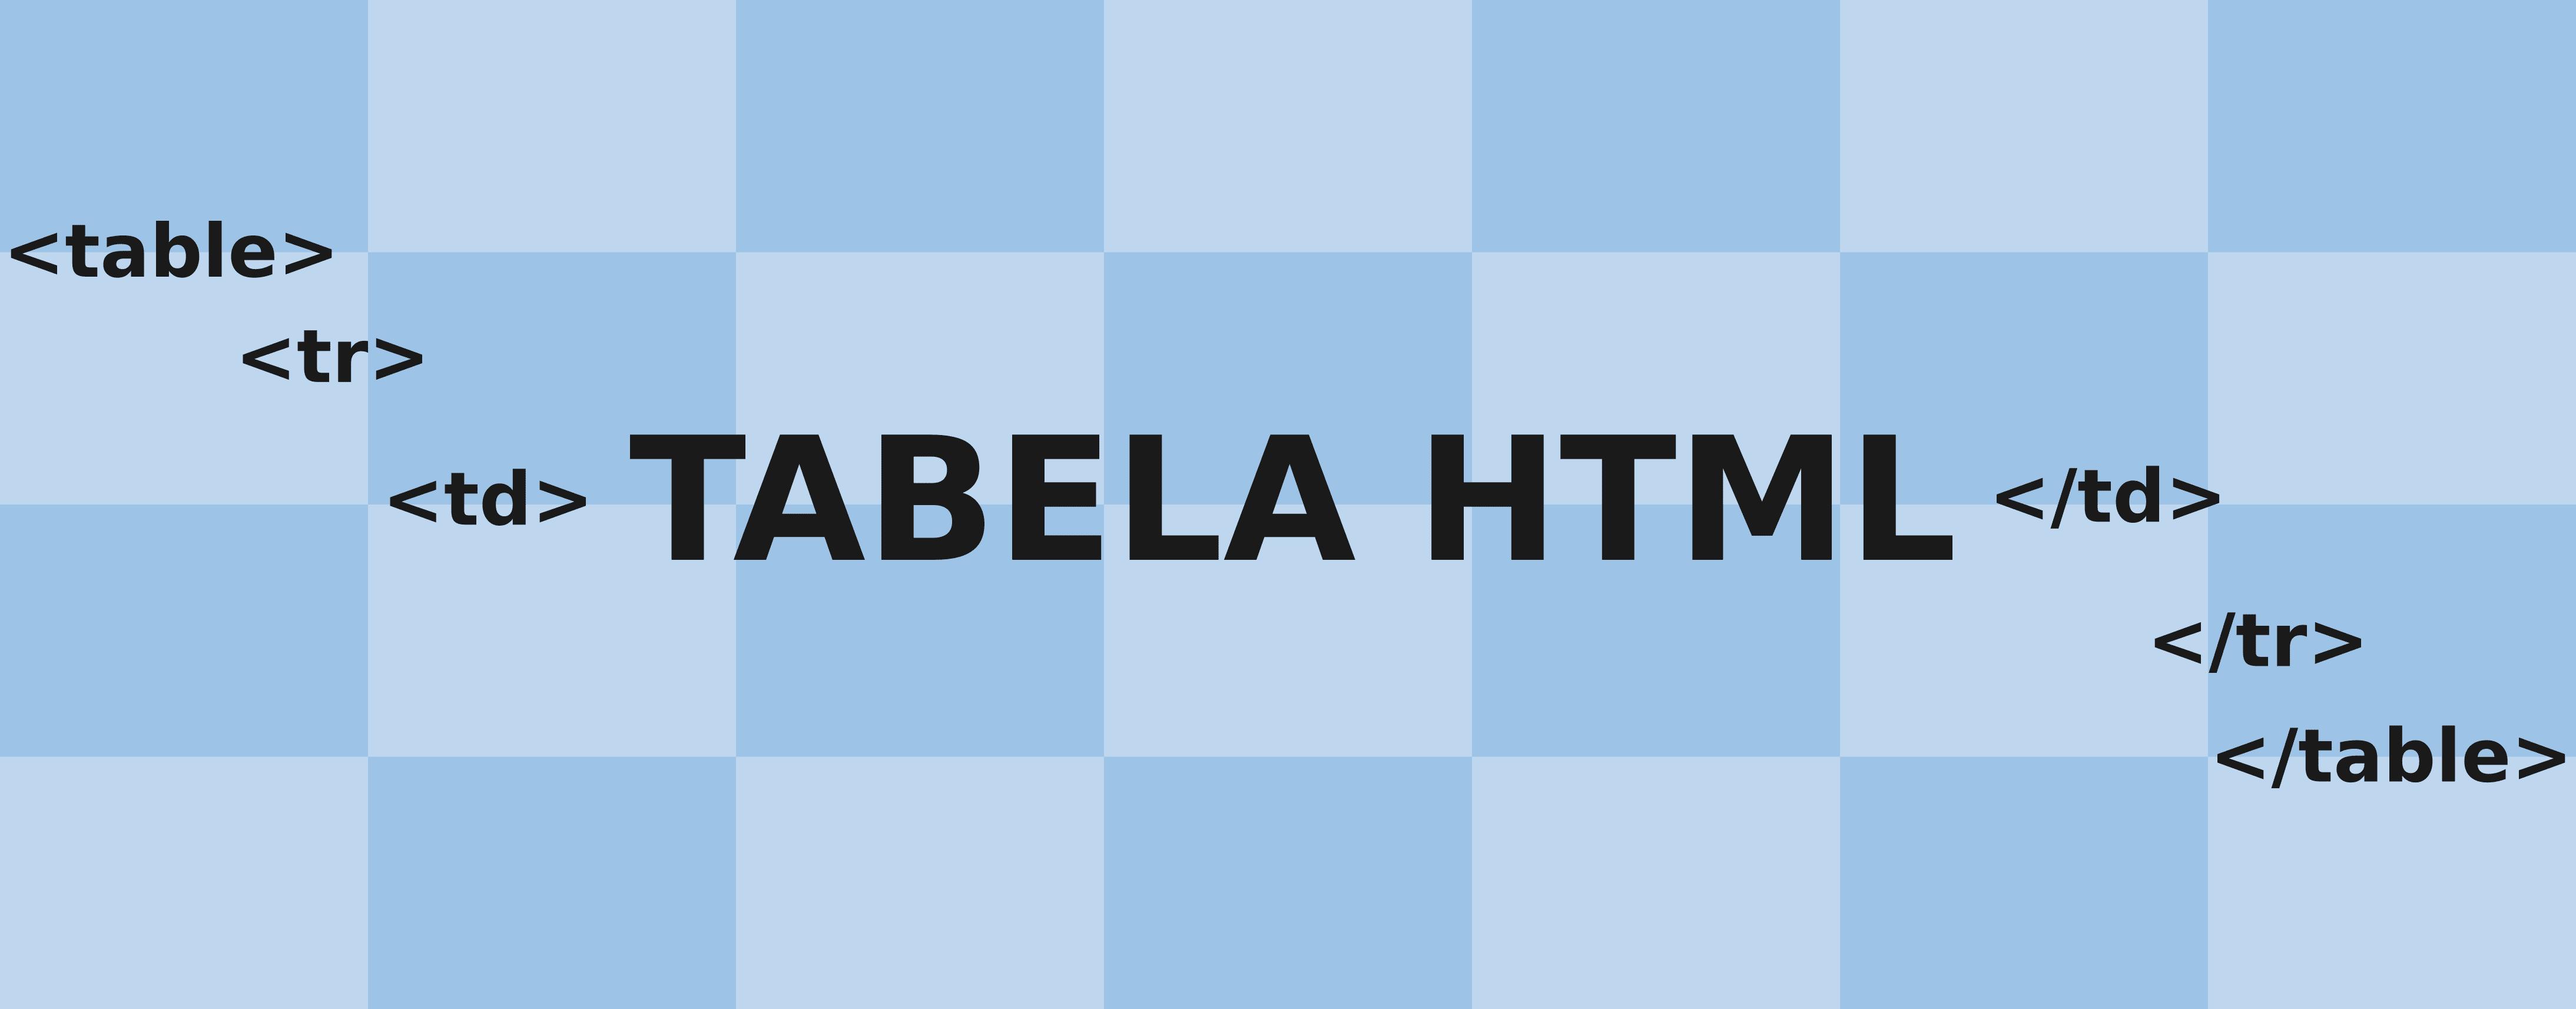 Tabela HTML: Tudo que você precisa saber